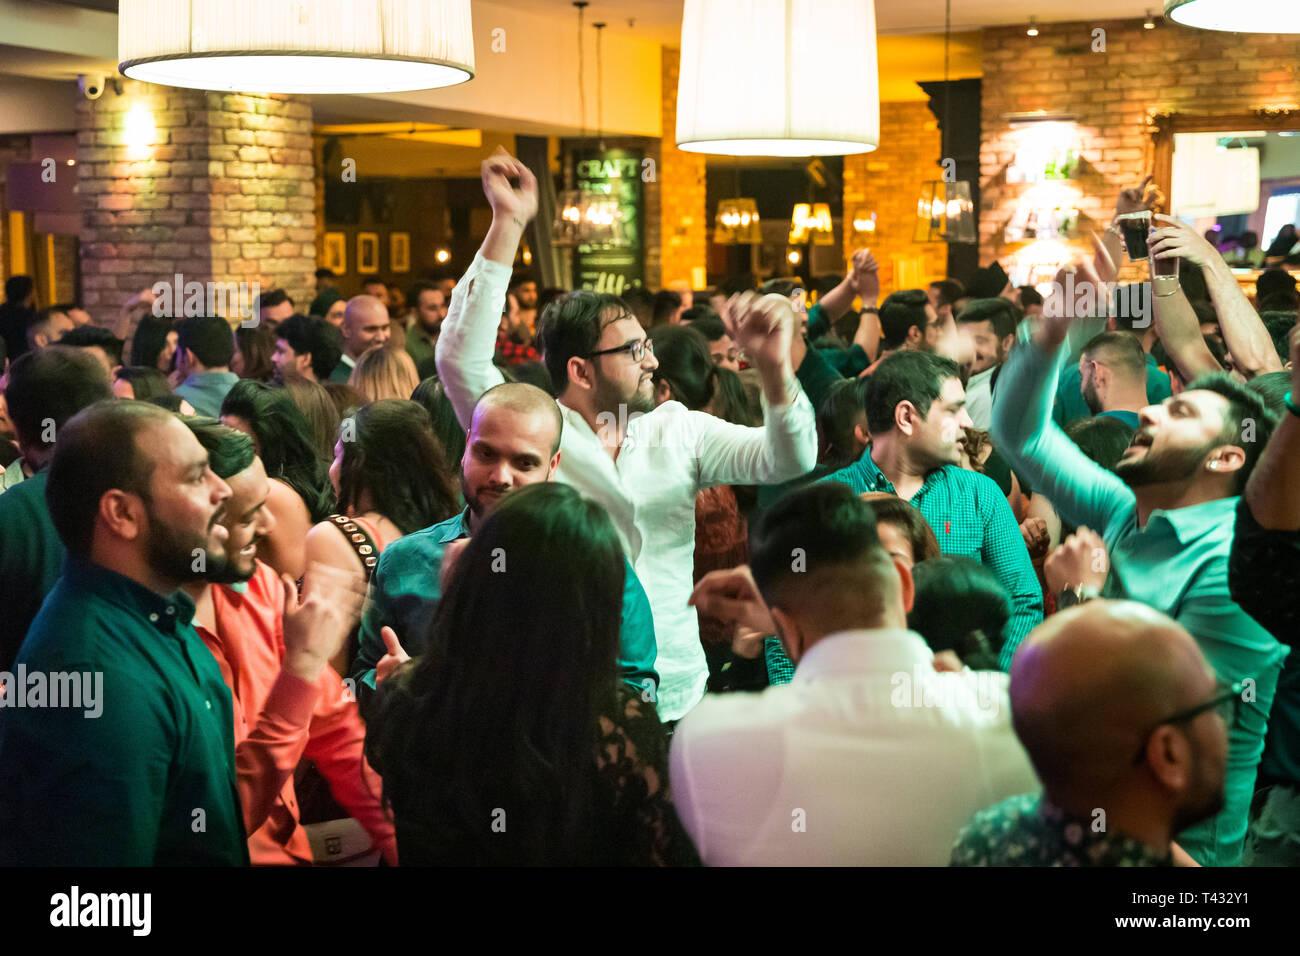 La gente de Asia bailando en un club Foto de stock